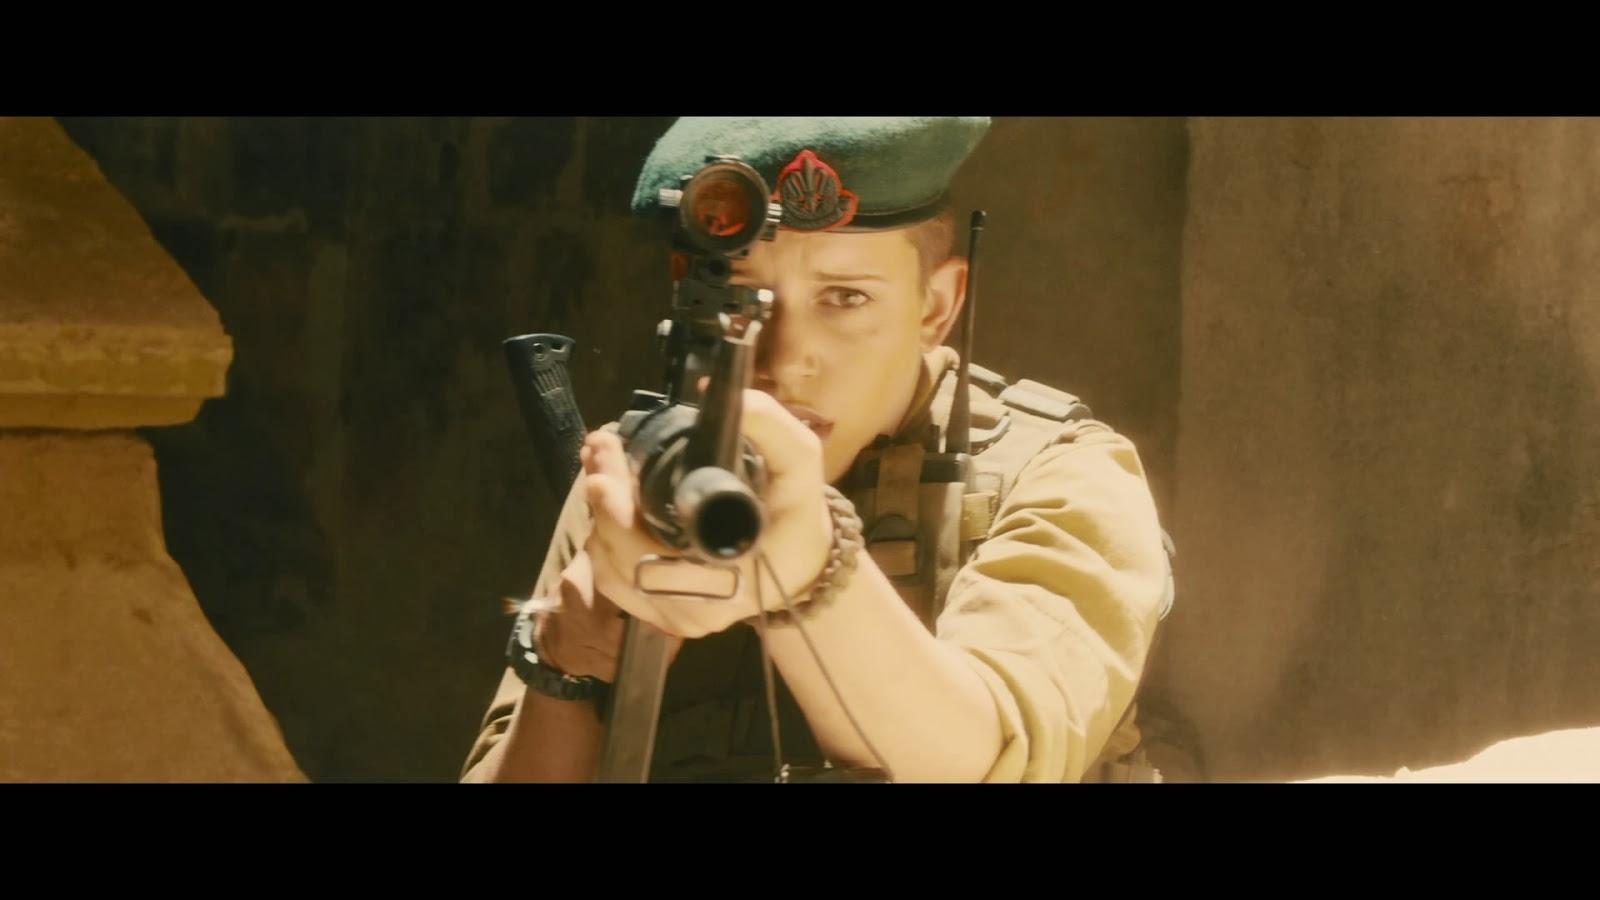 Watch World War Z Full Movie Online | FXNOW